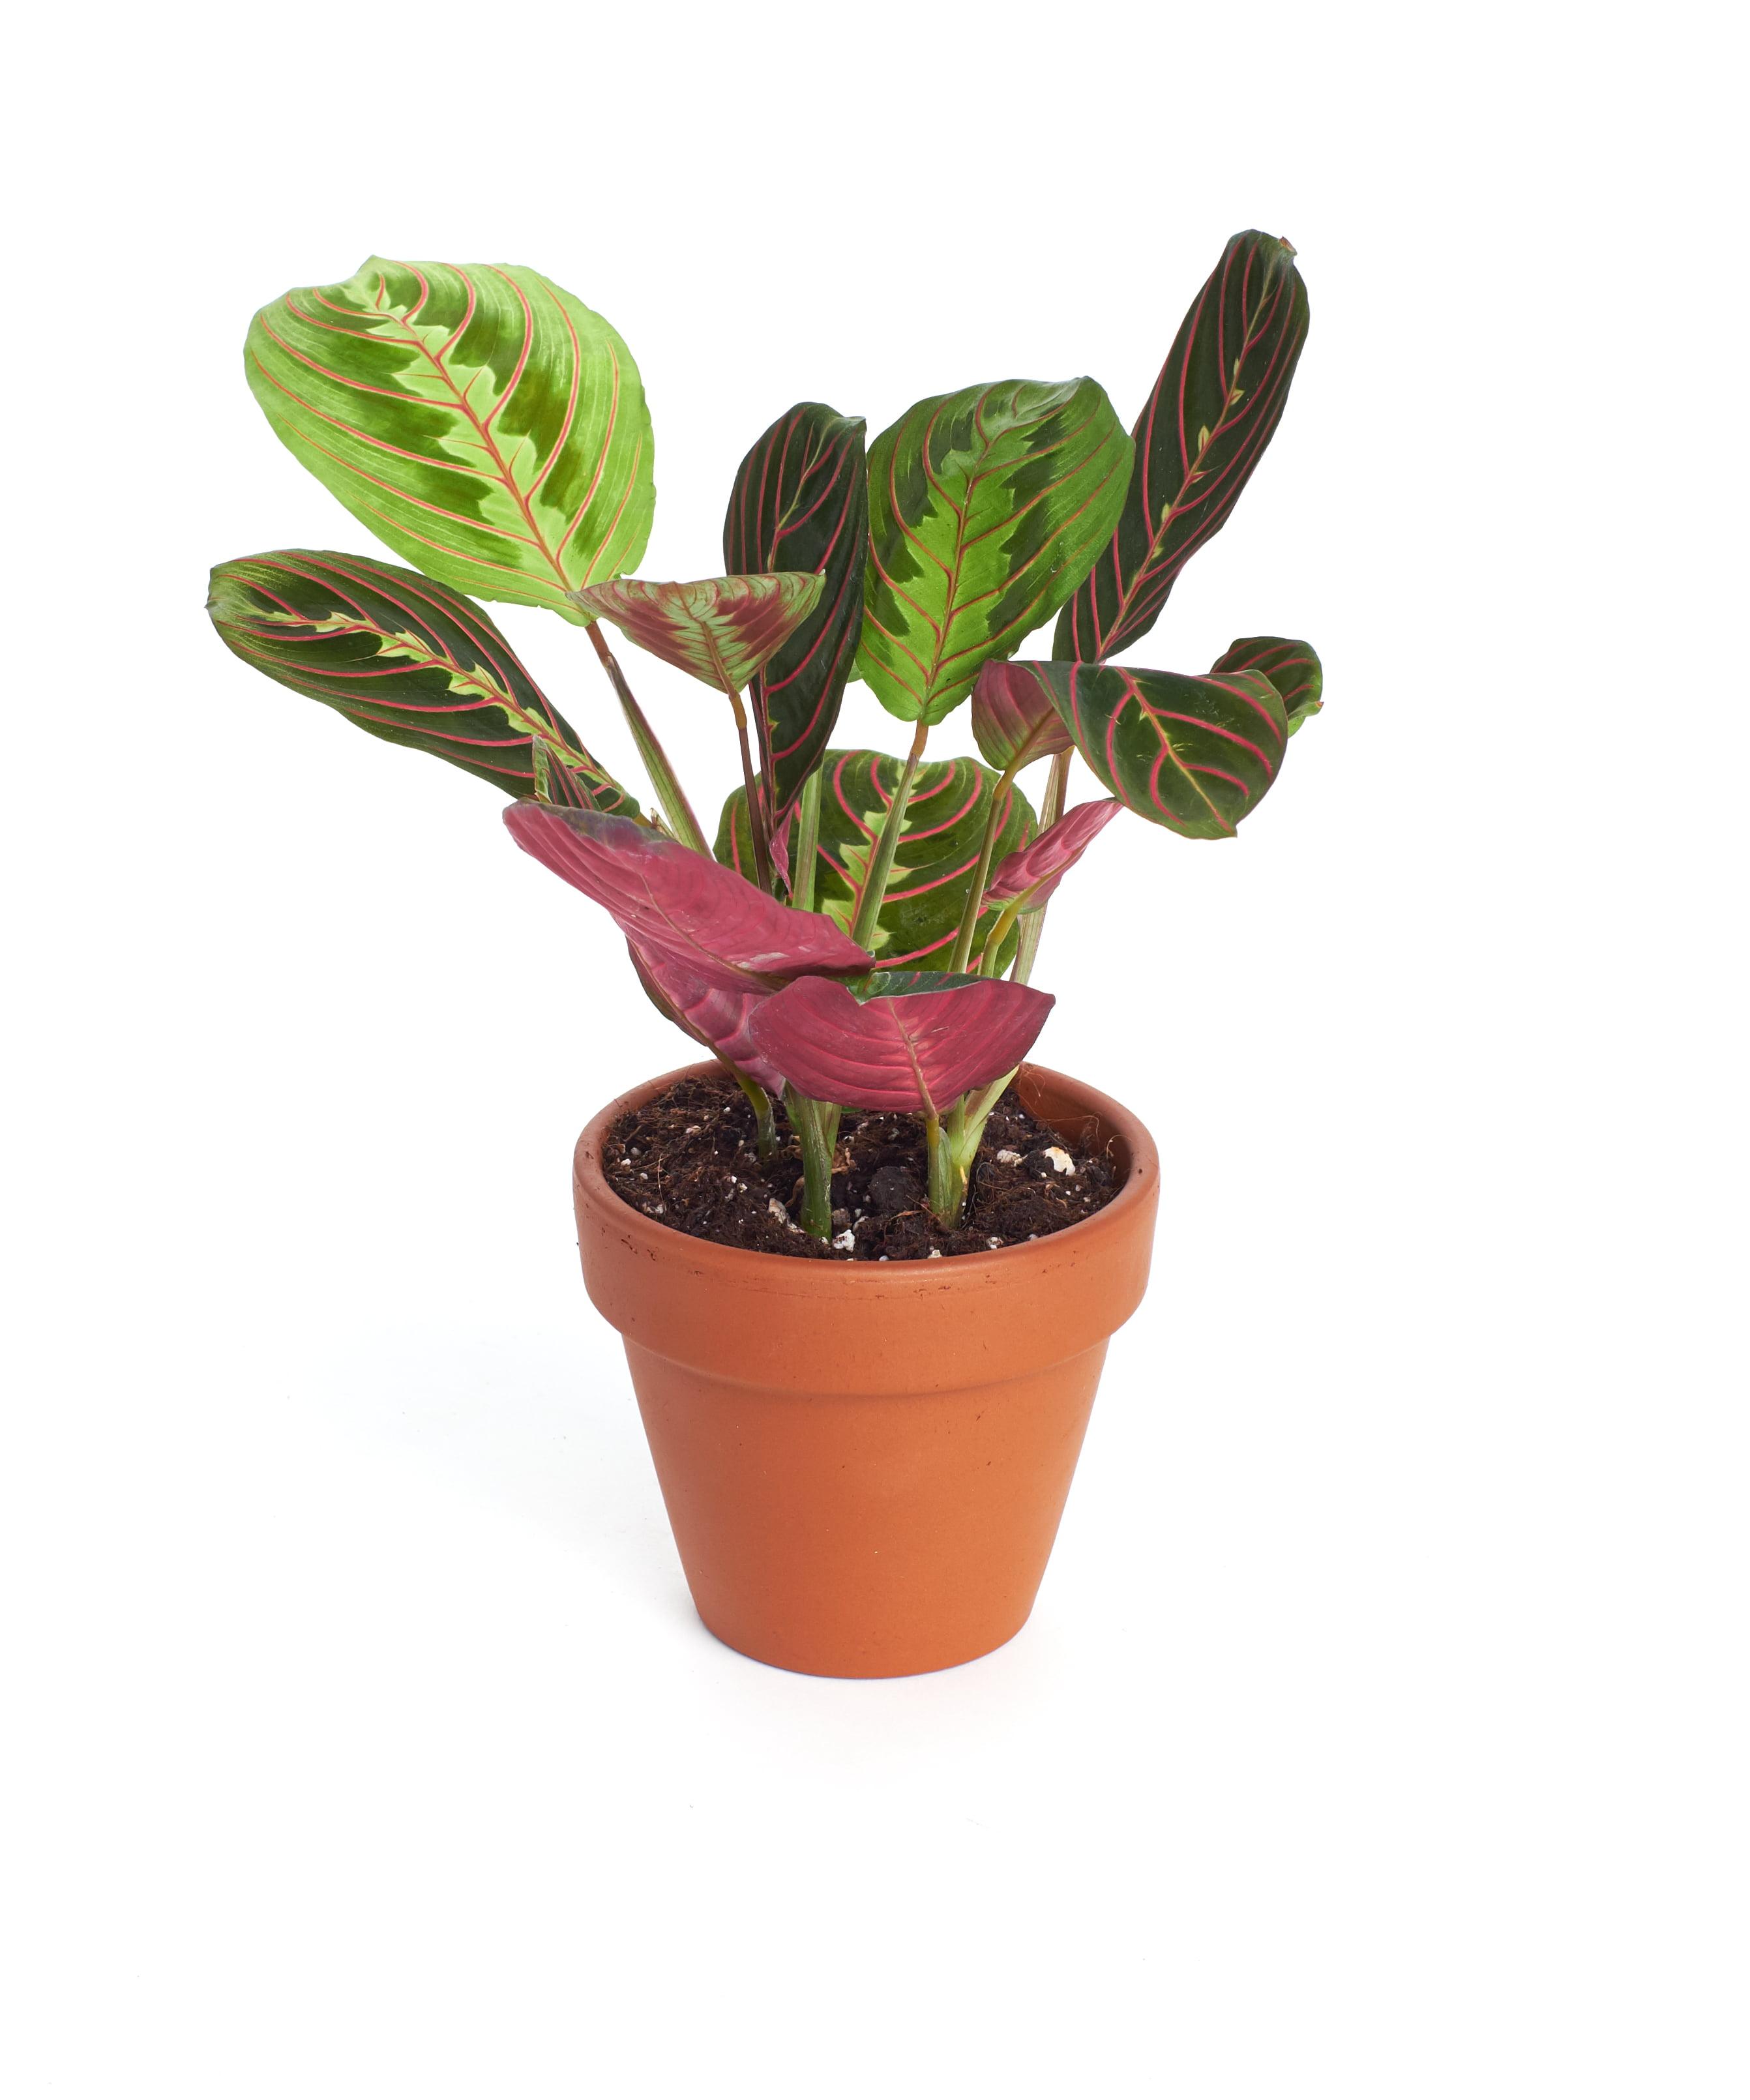 4 Pot Fantastic Color Actual Real Plants- MARANTA 1 Live Plant Variegated- 4 Pot PRAYER PLANT